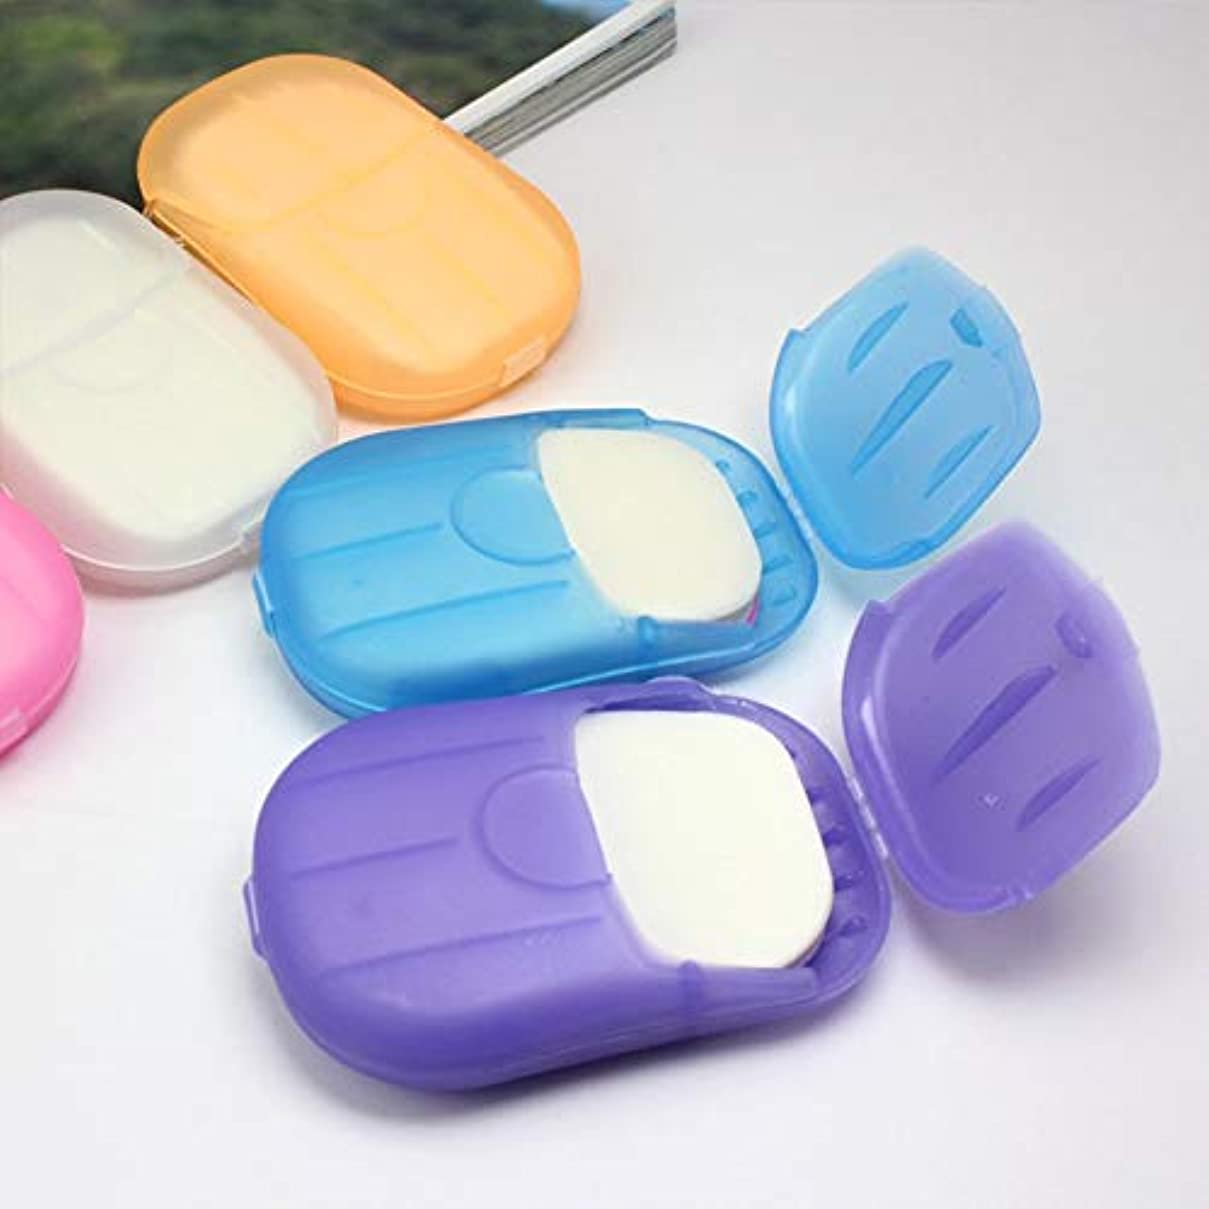 ピック外出執着20 Pcs Paper Soap Outdoor Travel Bath Soap Tablets Portable Hand-washing